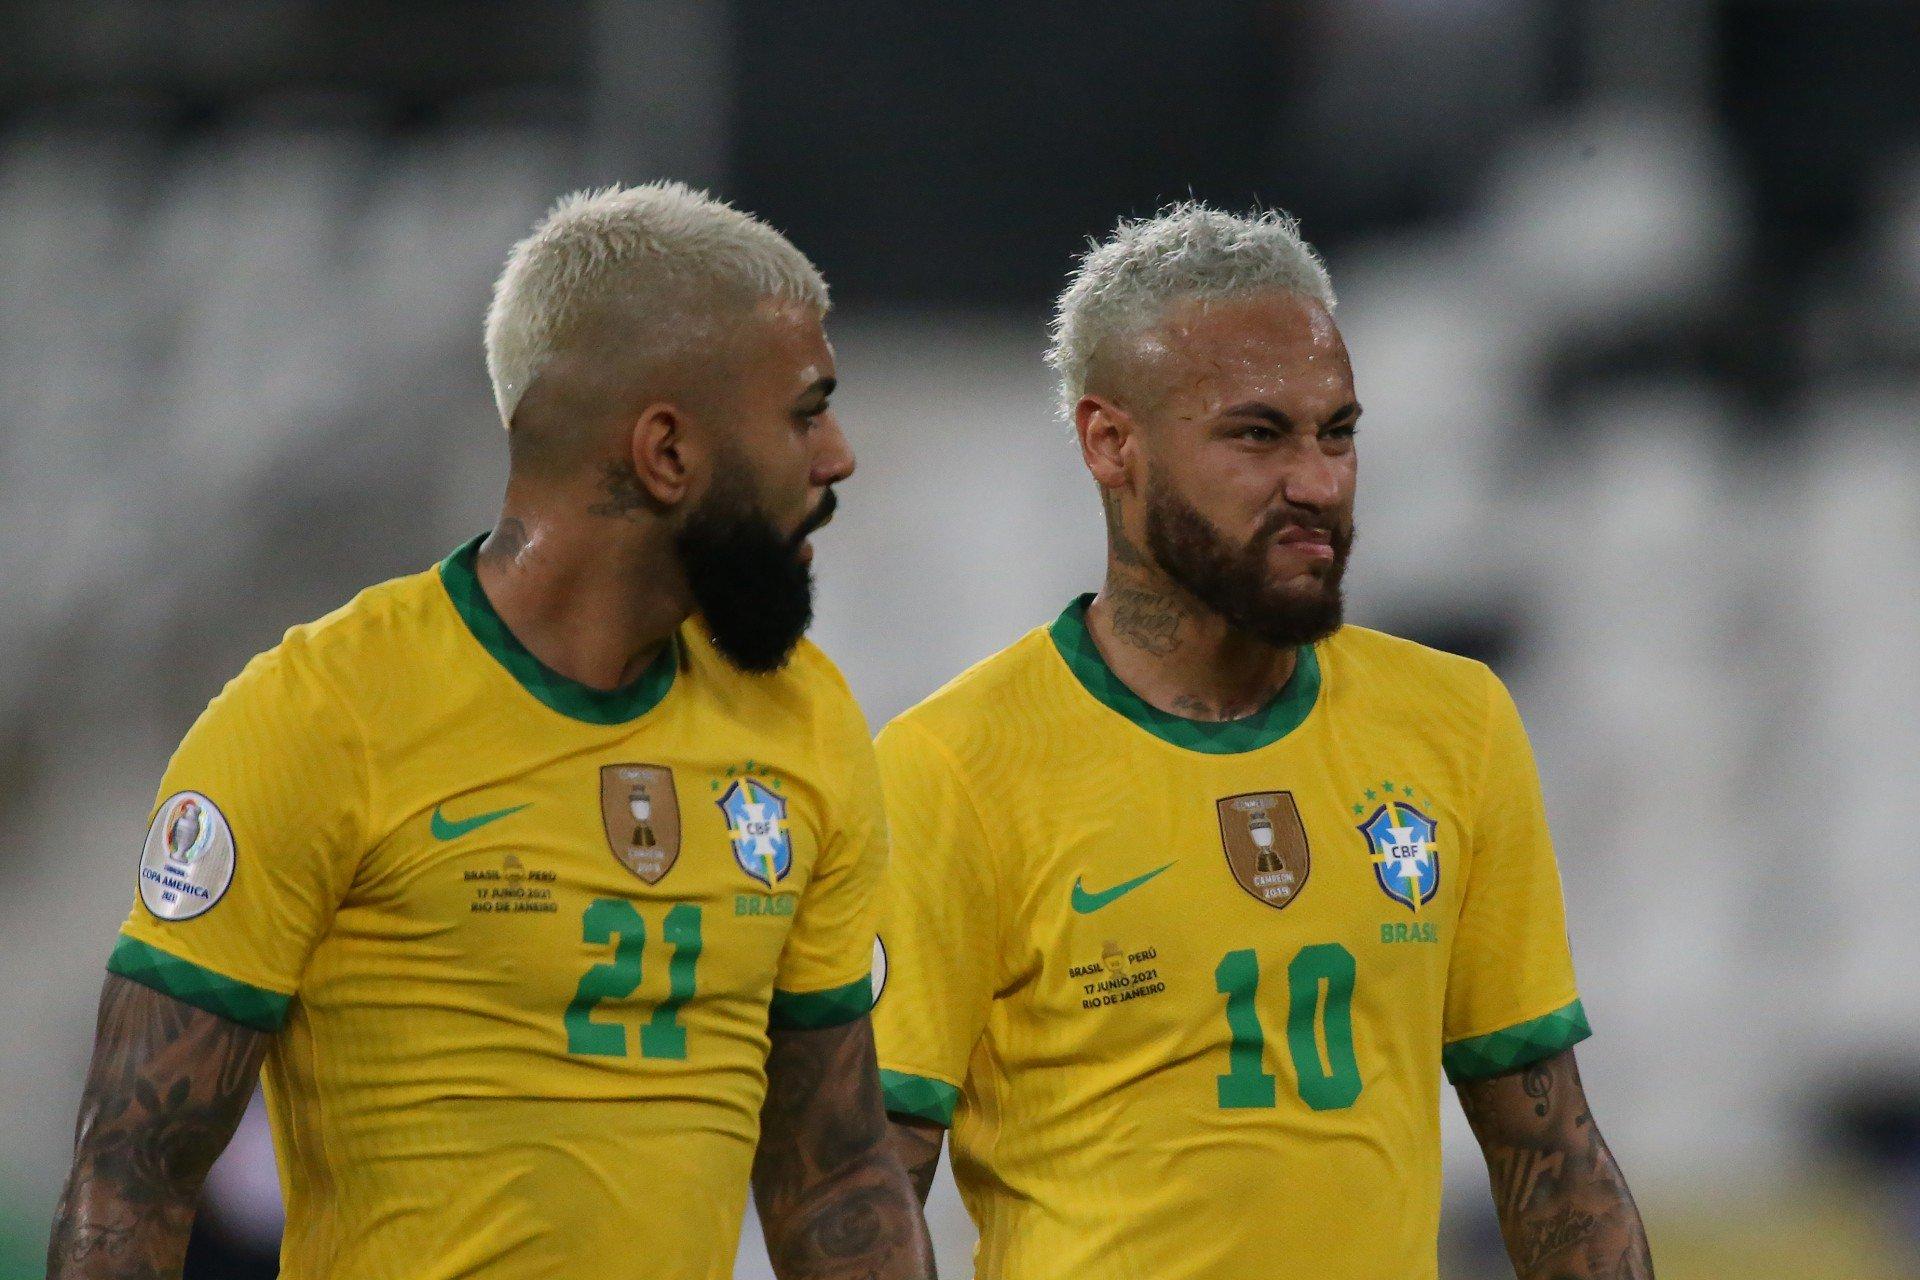 Gabigol convida Neymar para jogar no Flamengo e craque do PSG empolga torcedores com resposta nas redes sociais